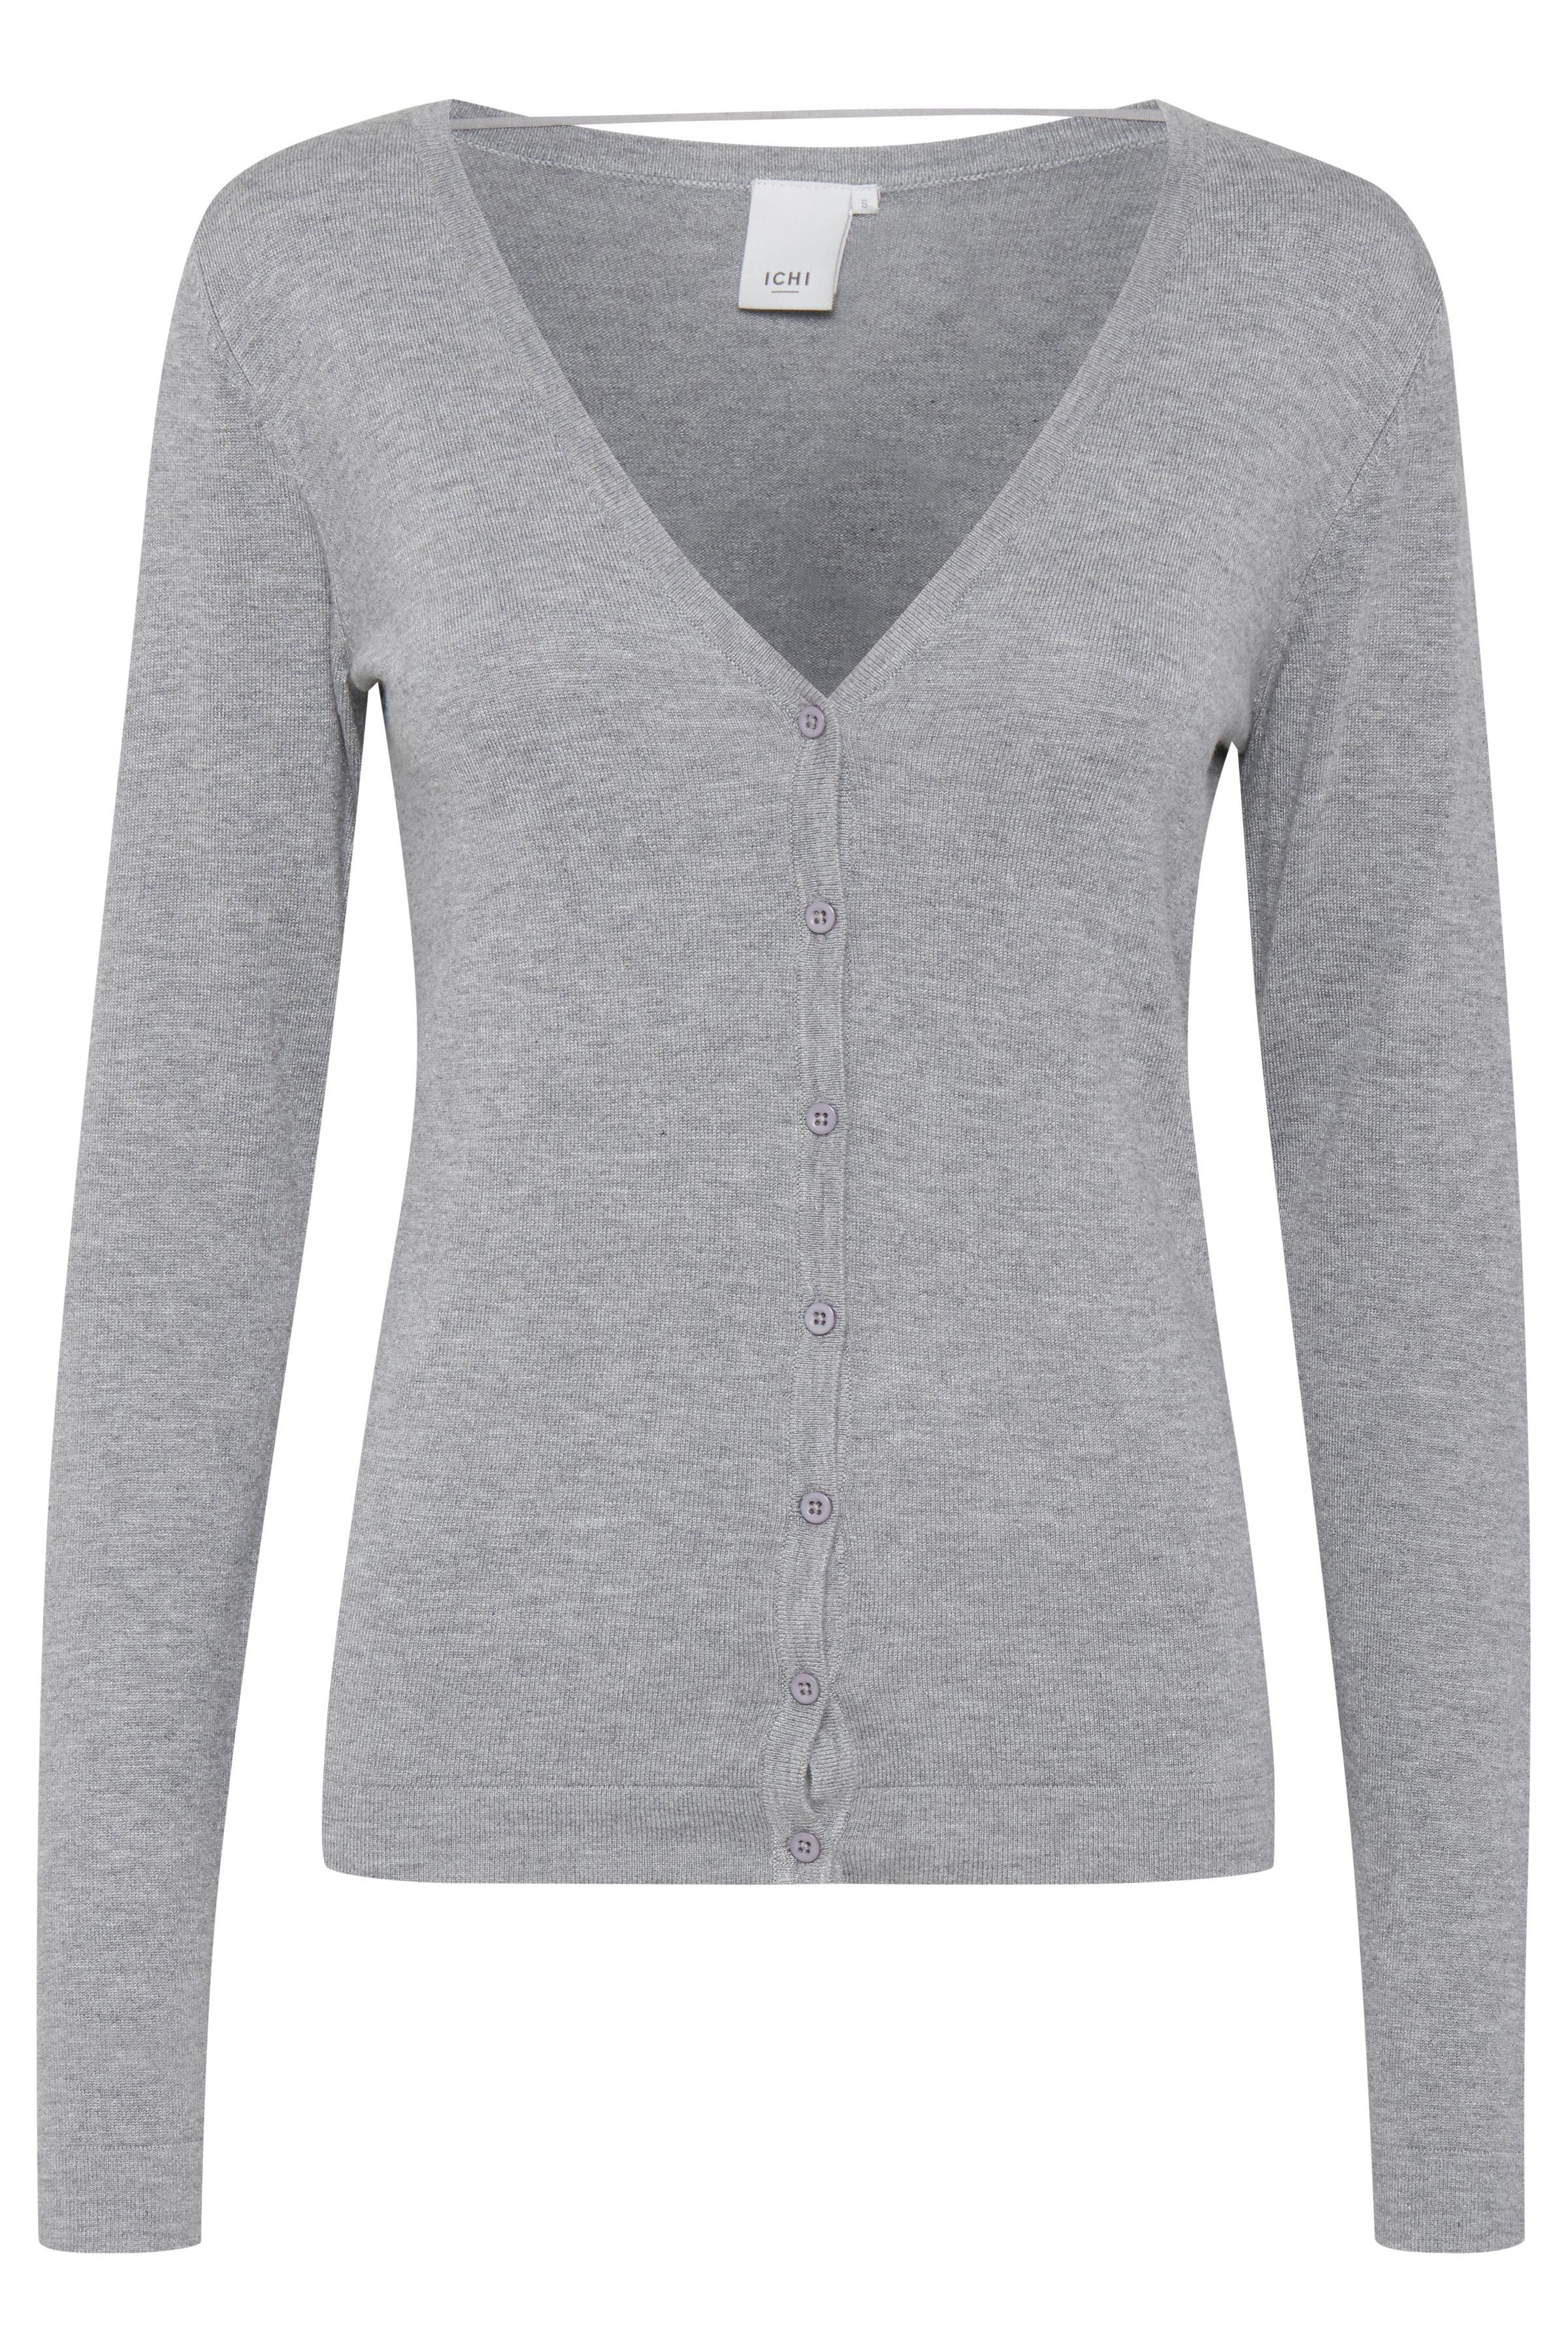 Grey Melange Strikcardigan – Køb Grey Melange Strikcardigan fra str. XS-XL her